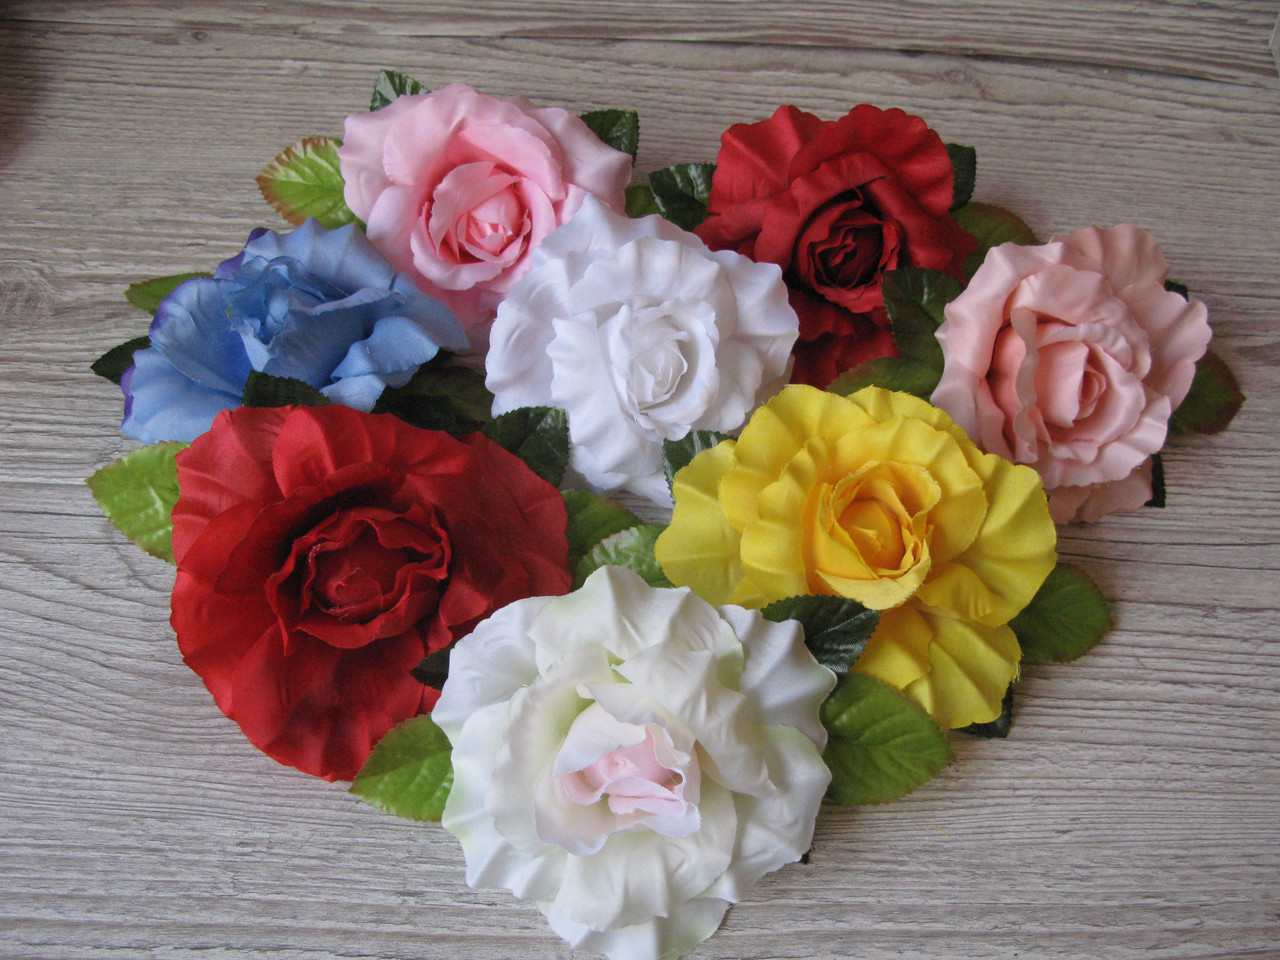 Розы из ткани молочный с розовой серединкой (головка без листьев) - 9 см